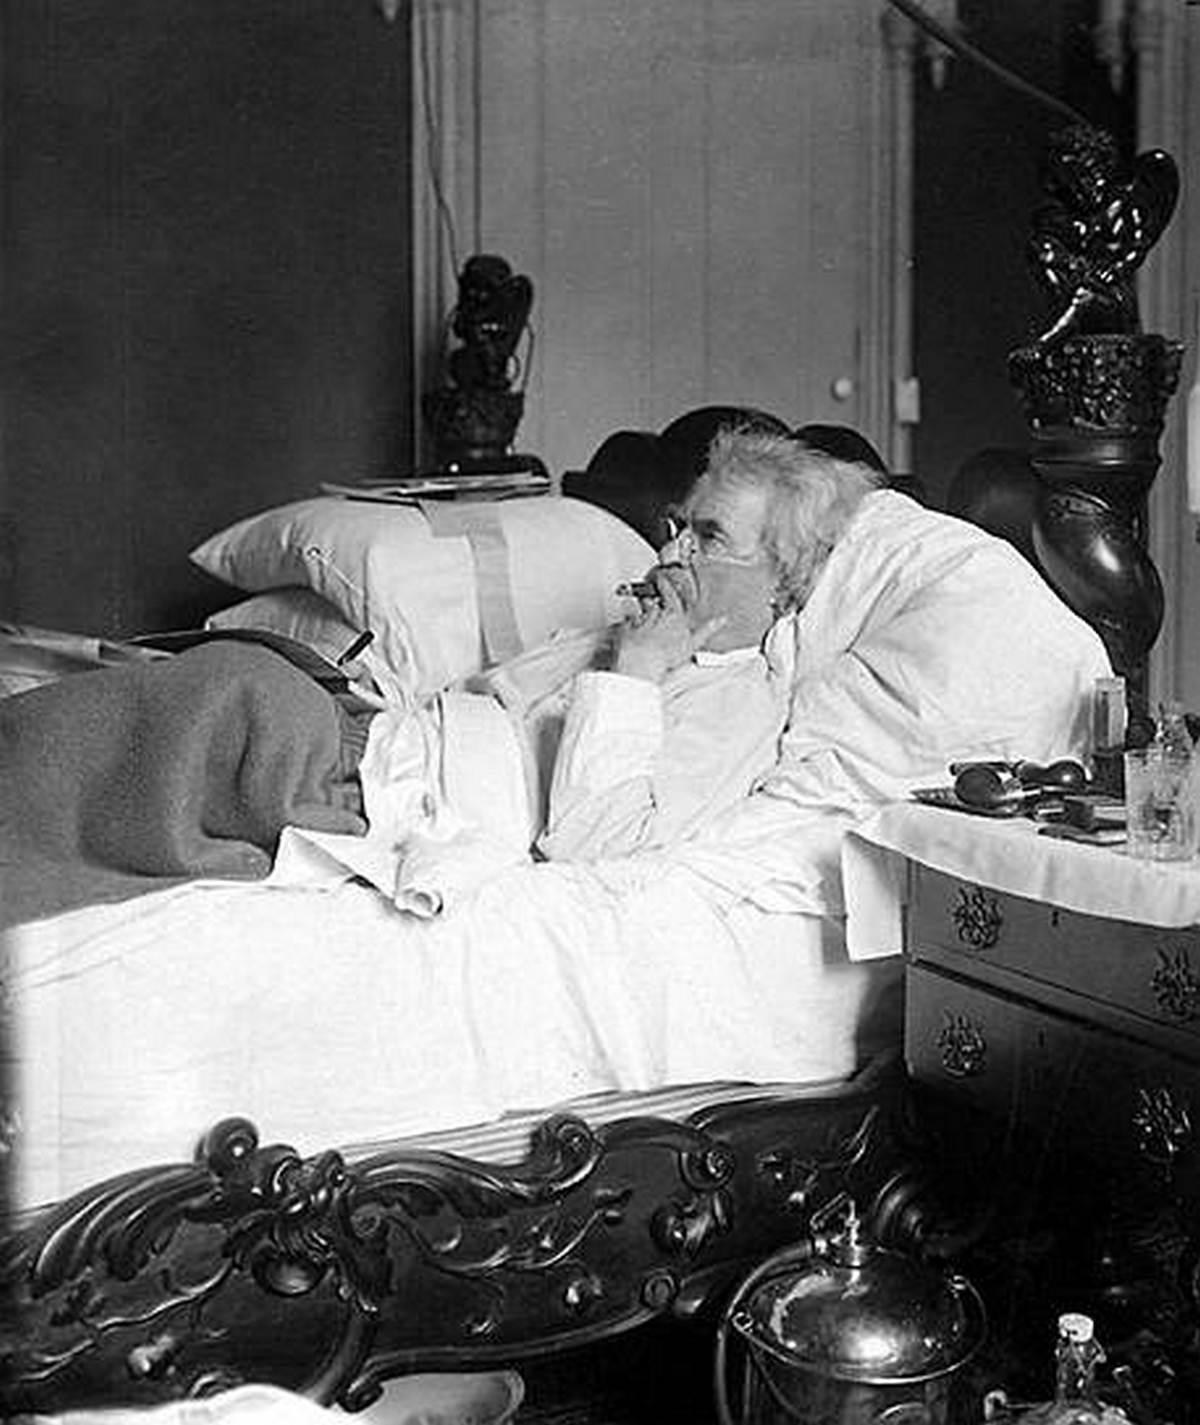 Марк Твен: «Хорошие друзья, хорошие книги и спящая совесть — вот рецепт идеальной жизни»